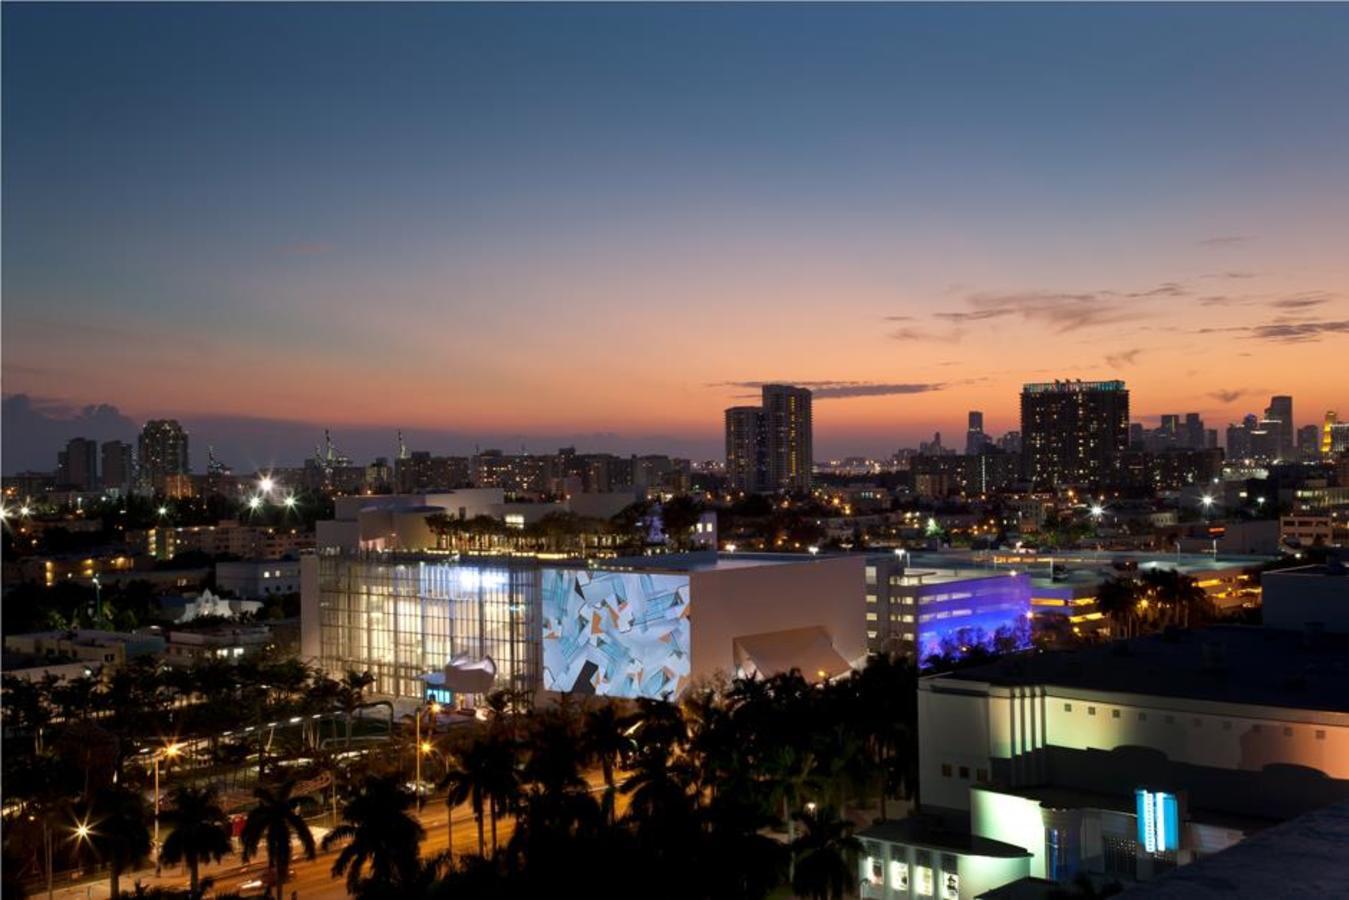 SW-Luftnachtansicht der Fassade Foto von Claudia Uribe